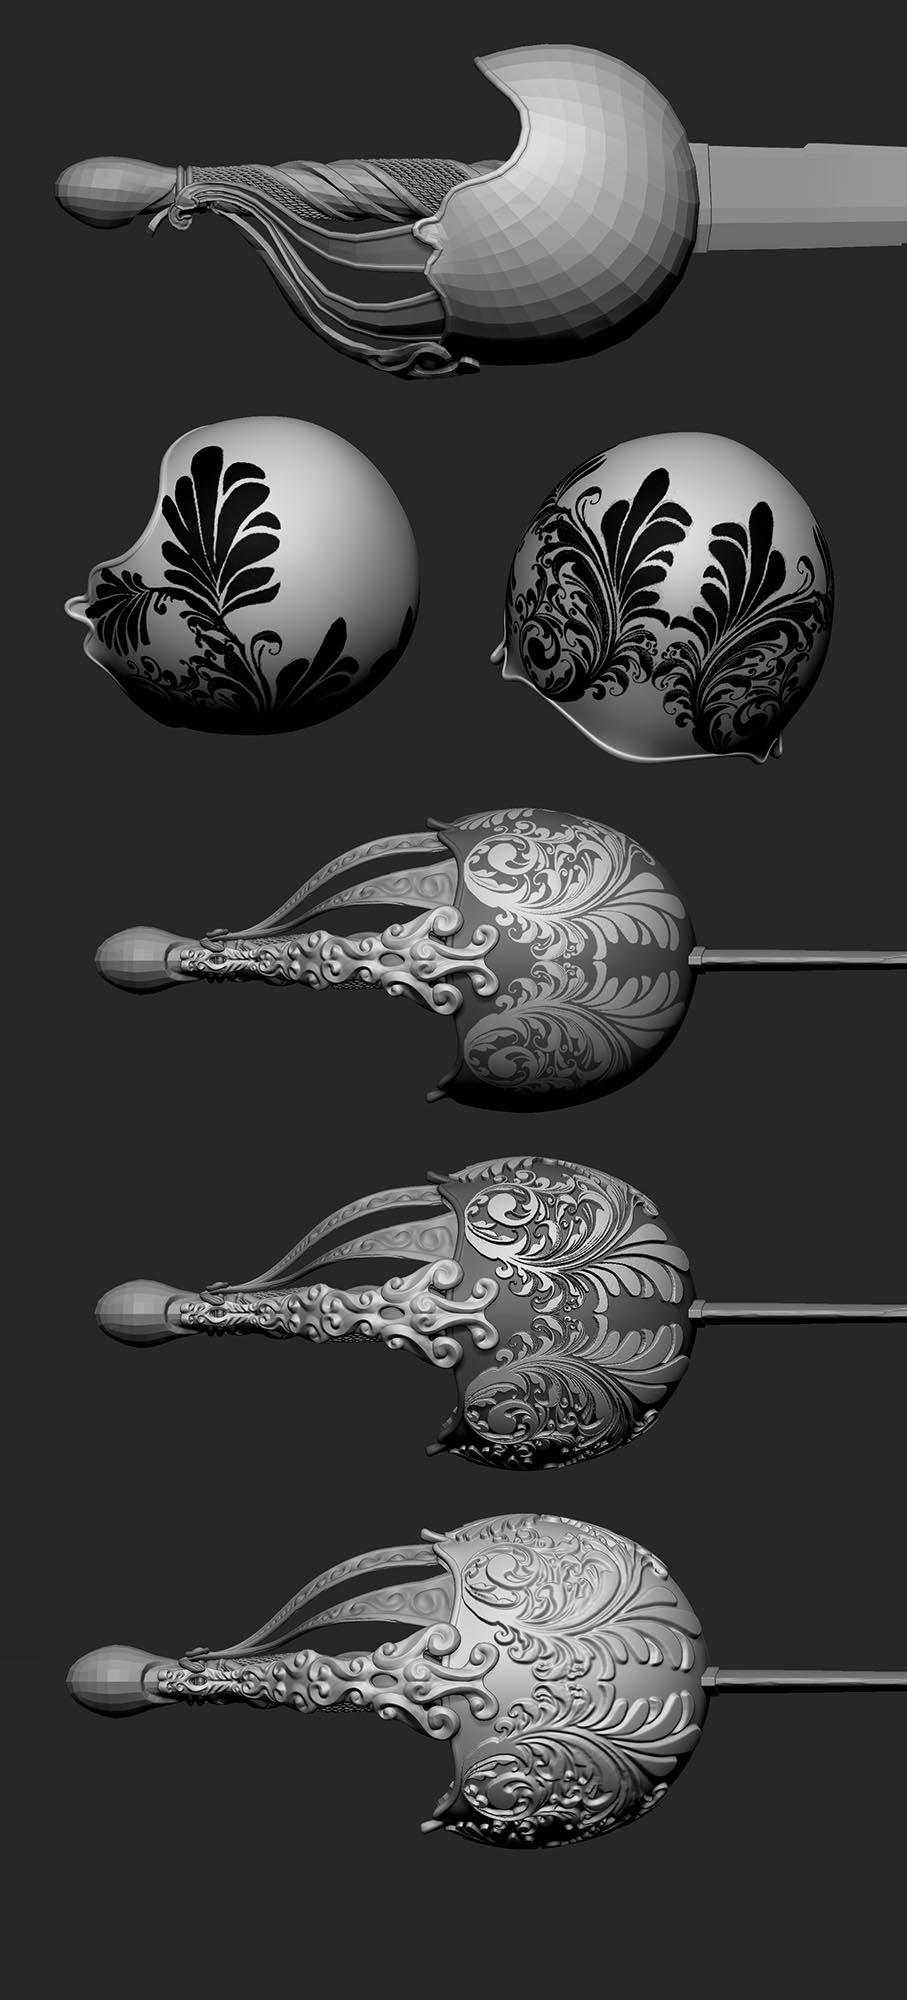 Musketeer - Page 3 | zbrush | Pinterest | Grafiken und Zeichnungen